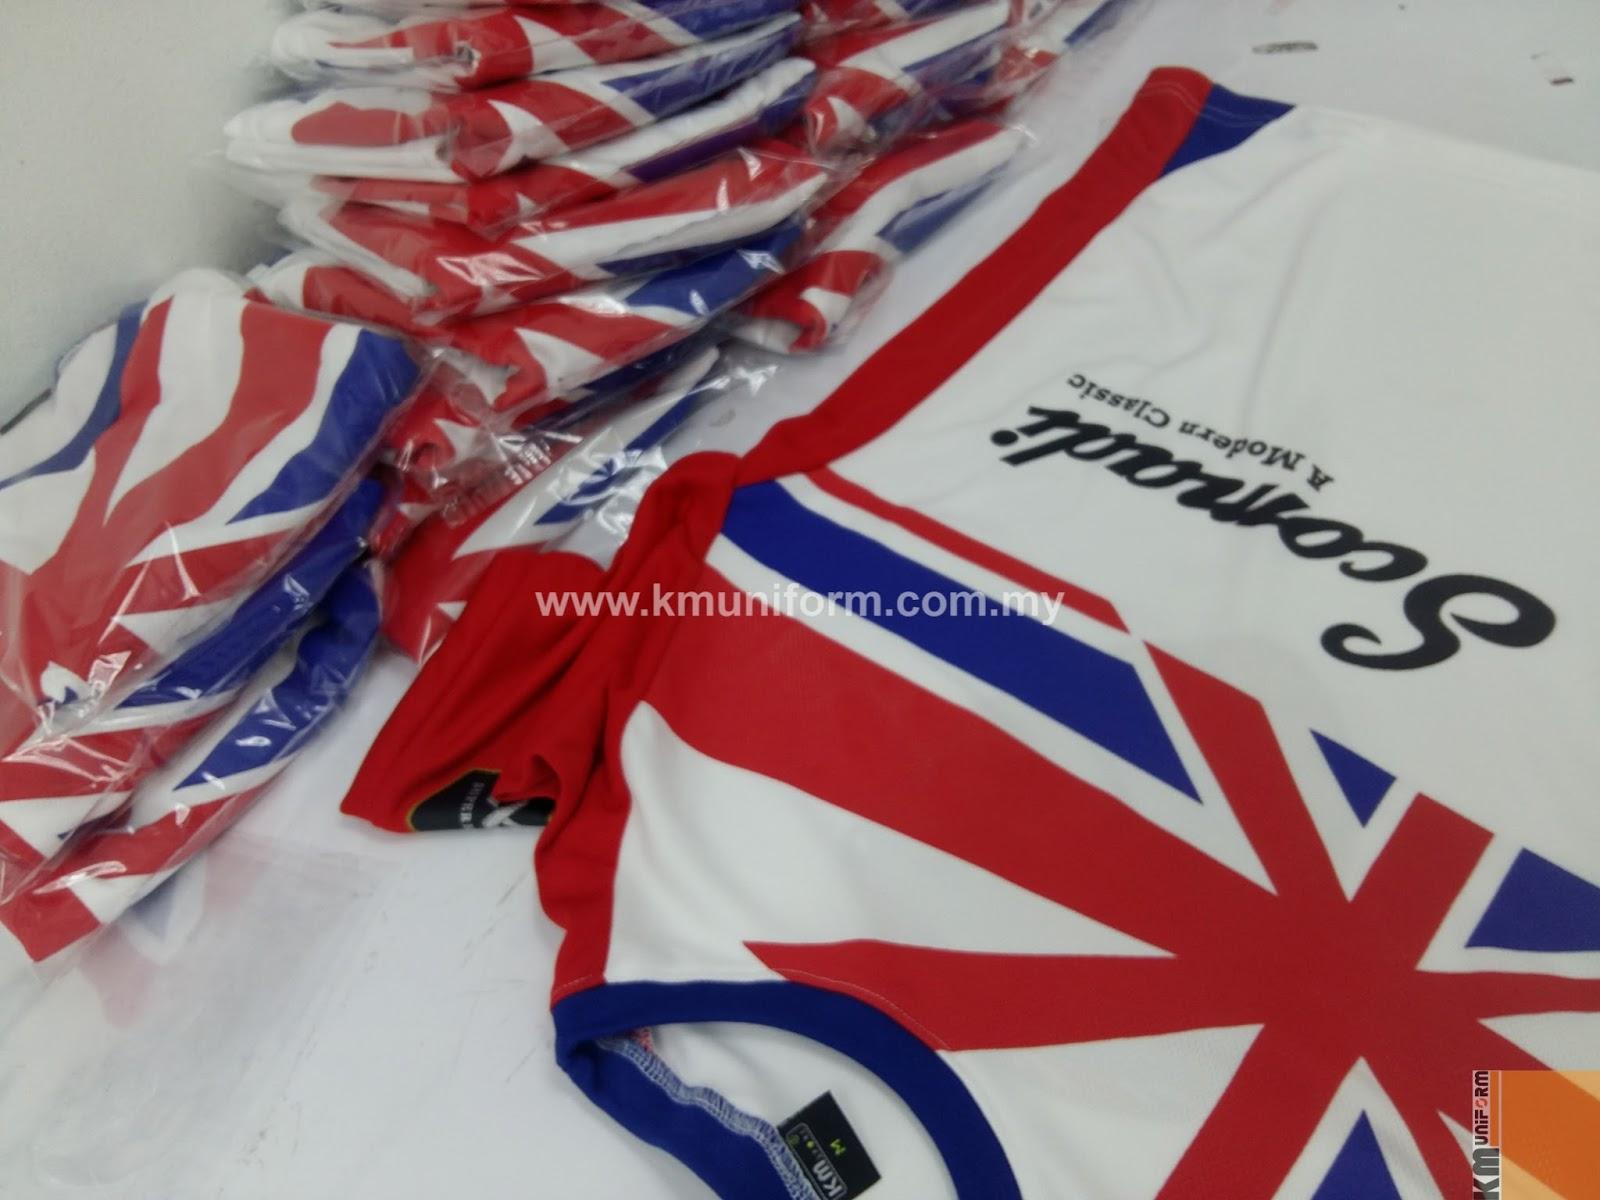 Design t shirt johor - Uniform Manufacturers In Malaysia